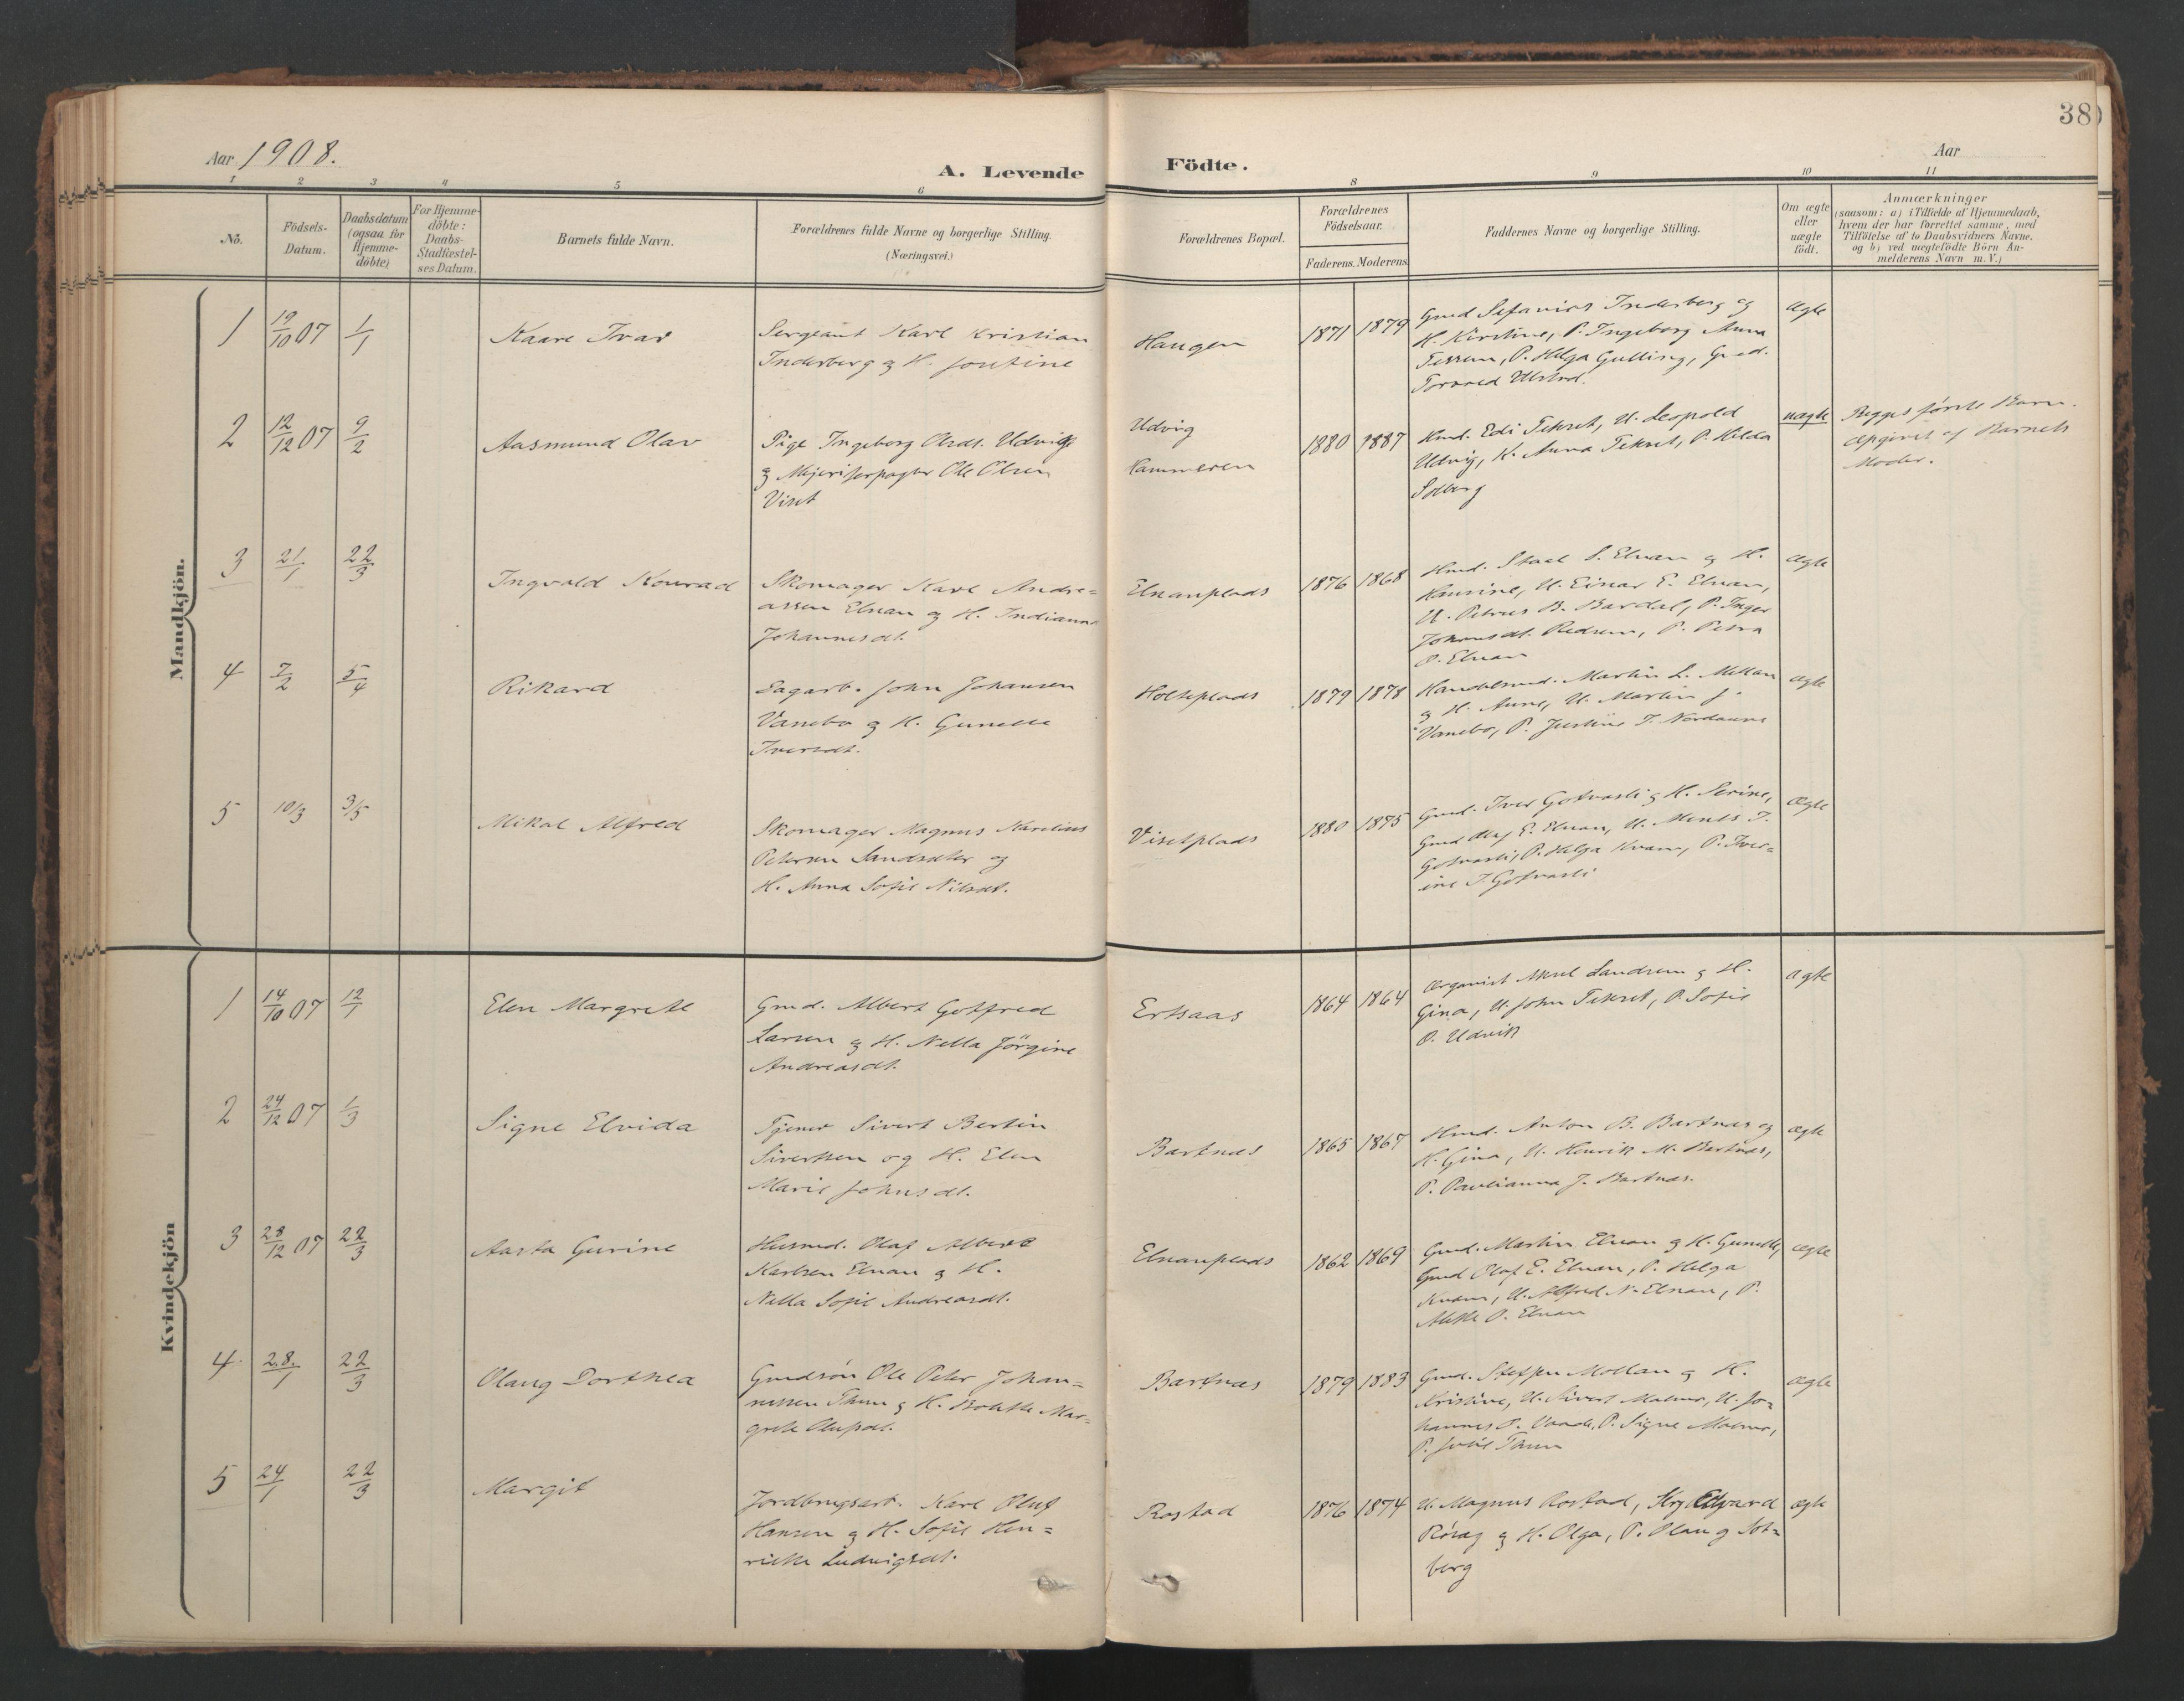 SAT, Ministerialprotokoller, klokkerbøker og fødselsregistre - Nord-Trøndelag, 741/L0397: Ministerialbok nr. 741A11, 1901-1911, s. 38